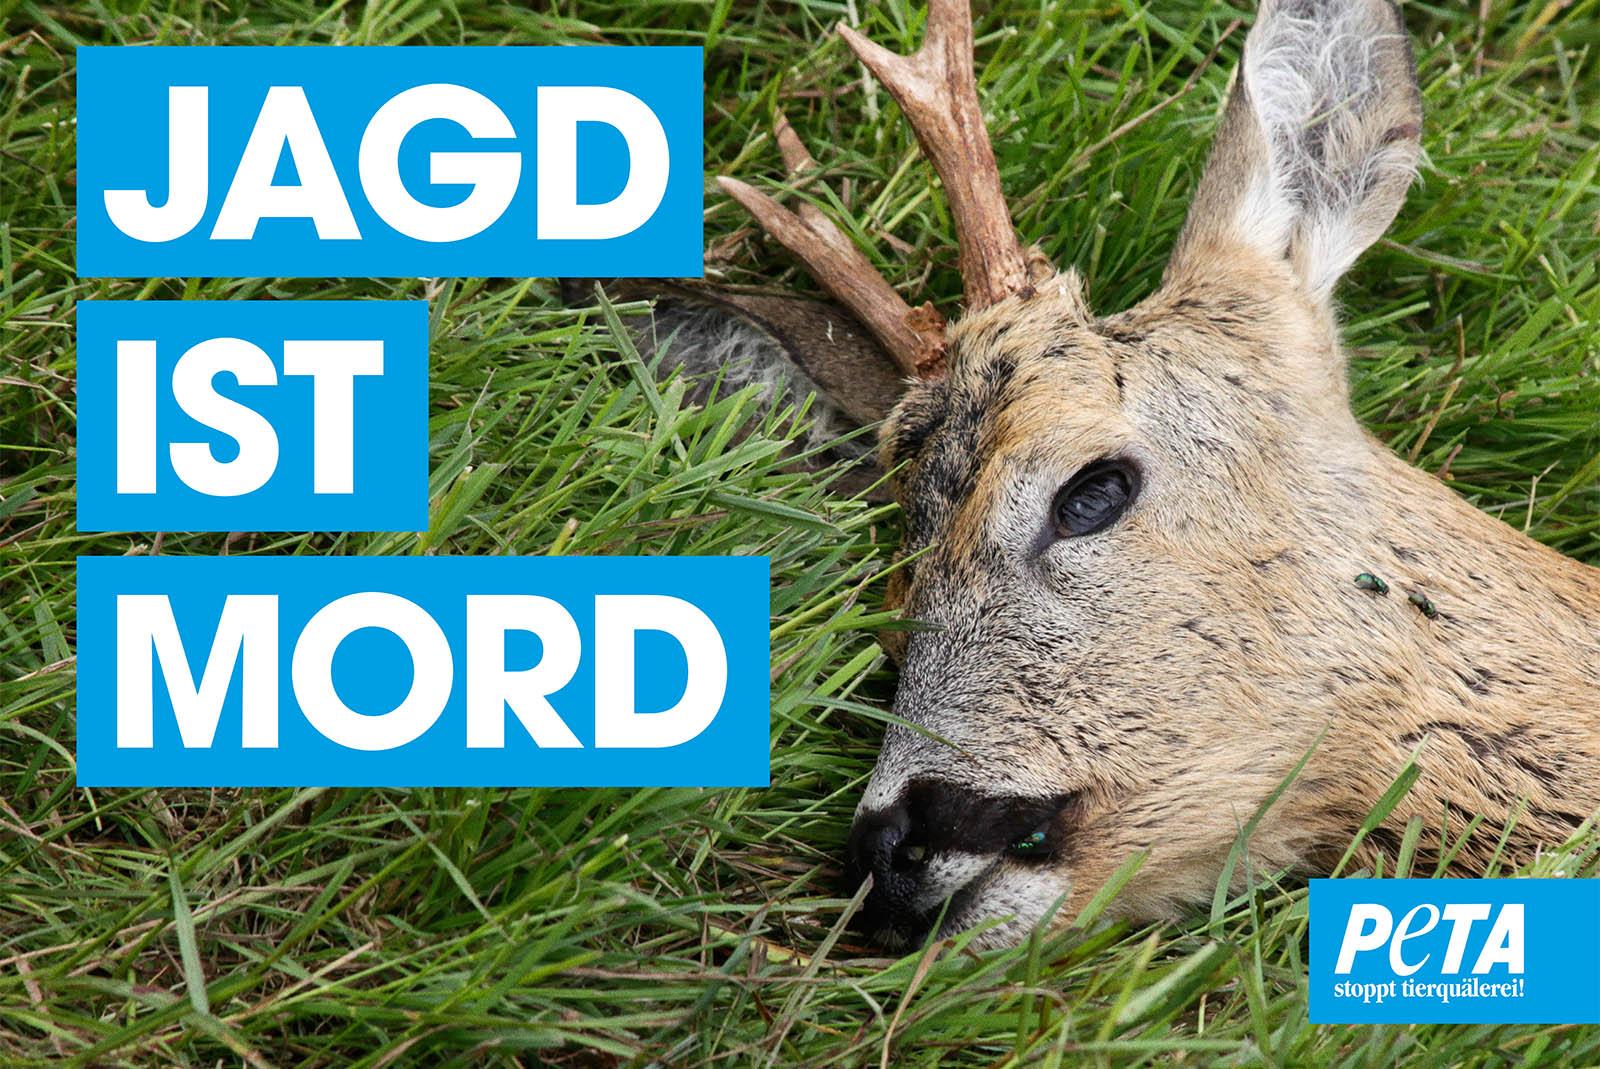 Mahnwache gegen die Jagd – jetzt kostenloses Demopaket bestellen!